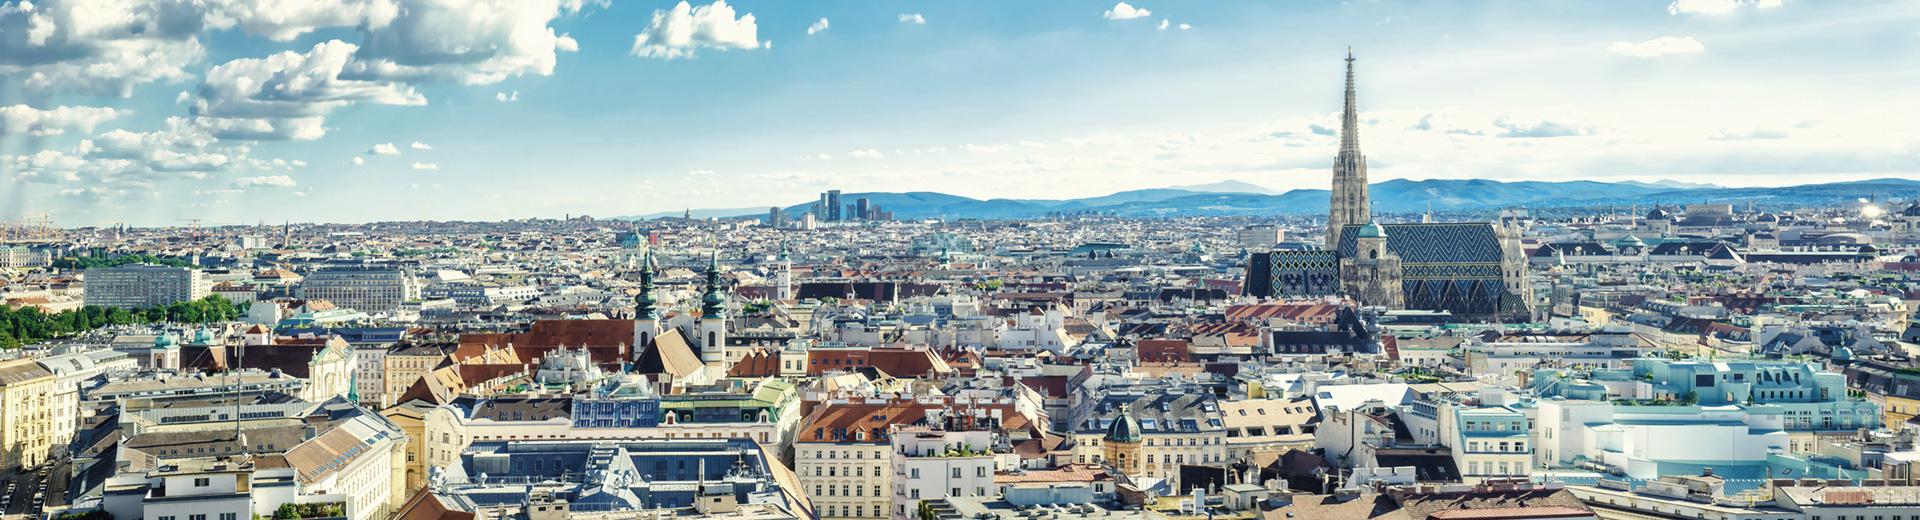 railjet Zurich-Vienne/Budapest